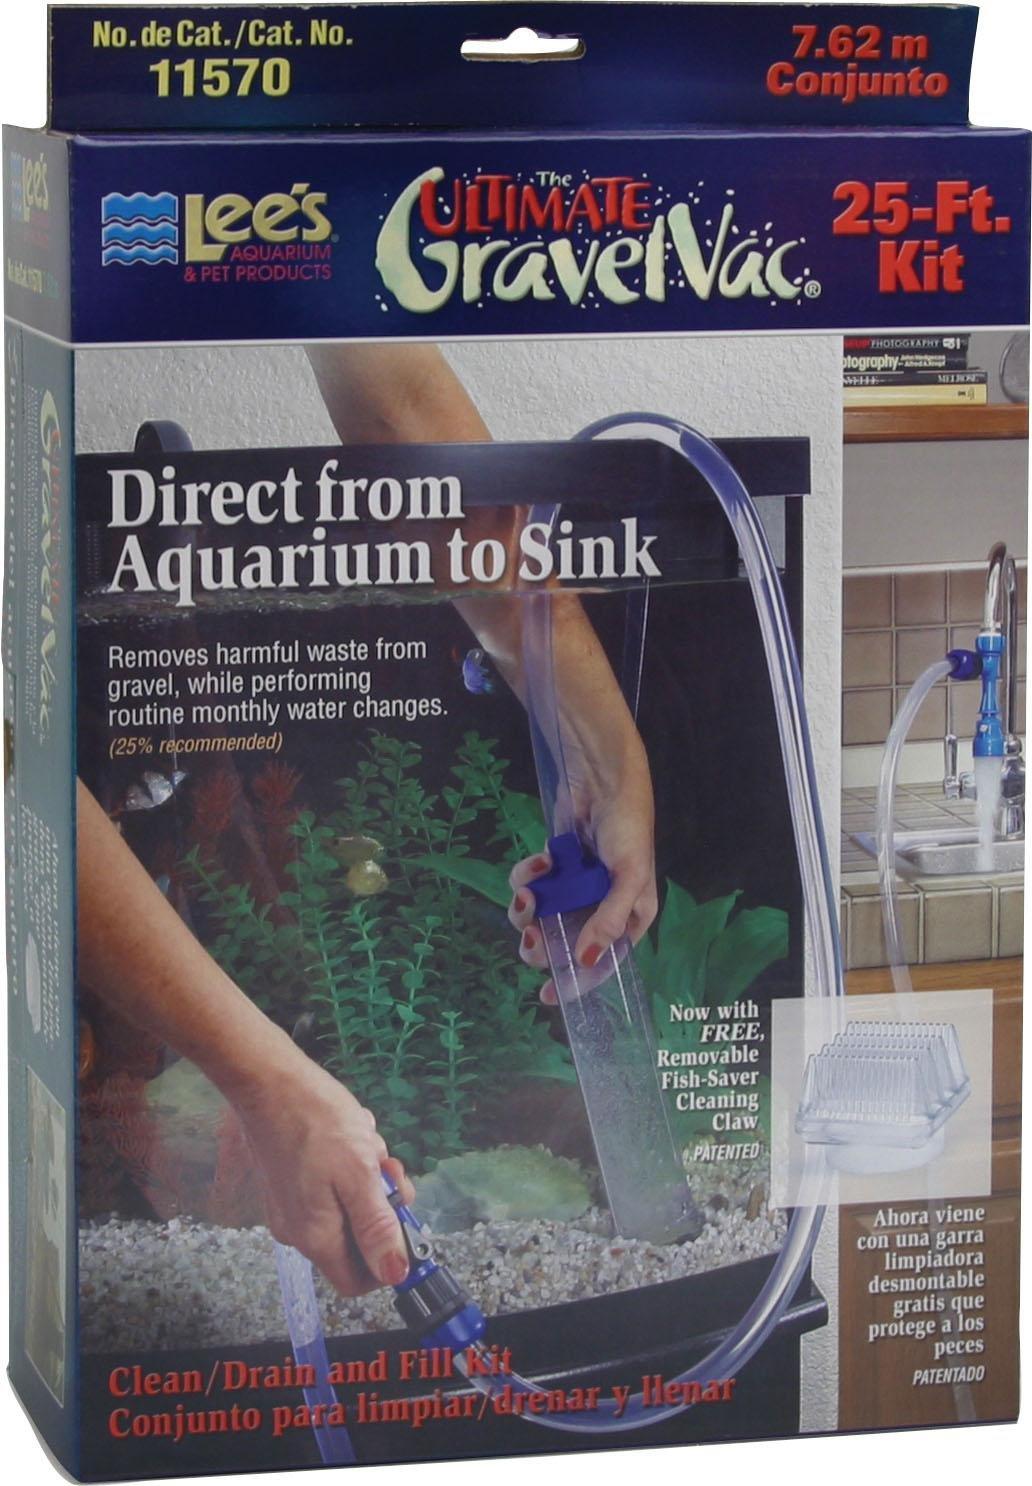 LEE'S AQUARIUM & PET Ultimate Gravel Vacuum Kit 25 Foot